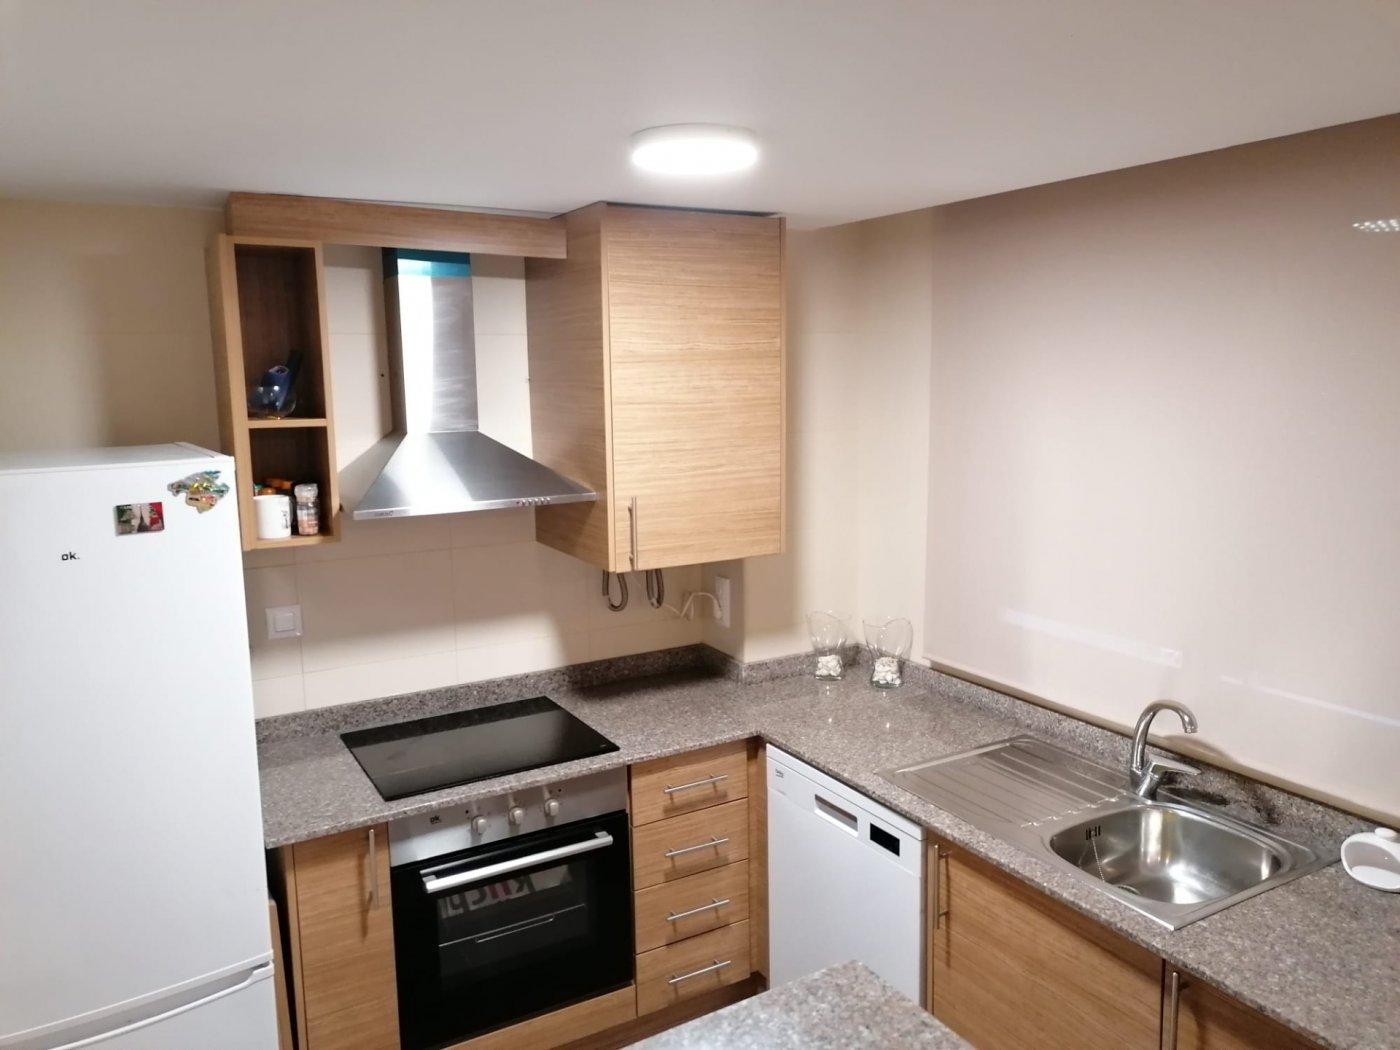 Fantástico apartamento en peñíscola 1 hab - imagenInmueble0